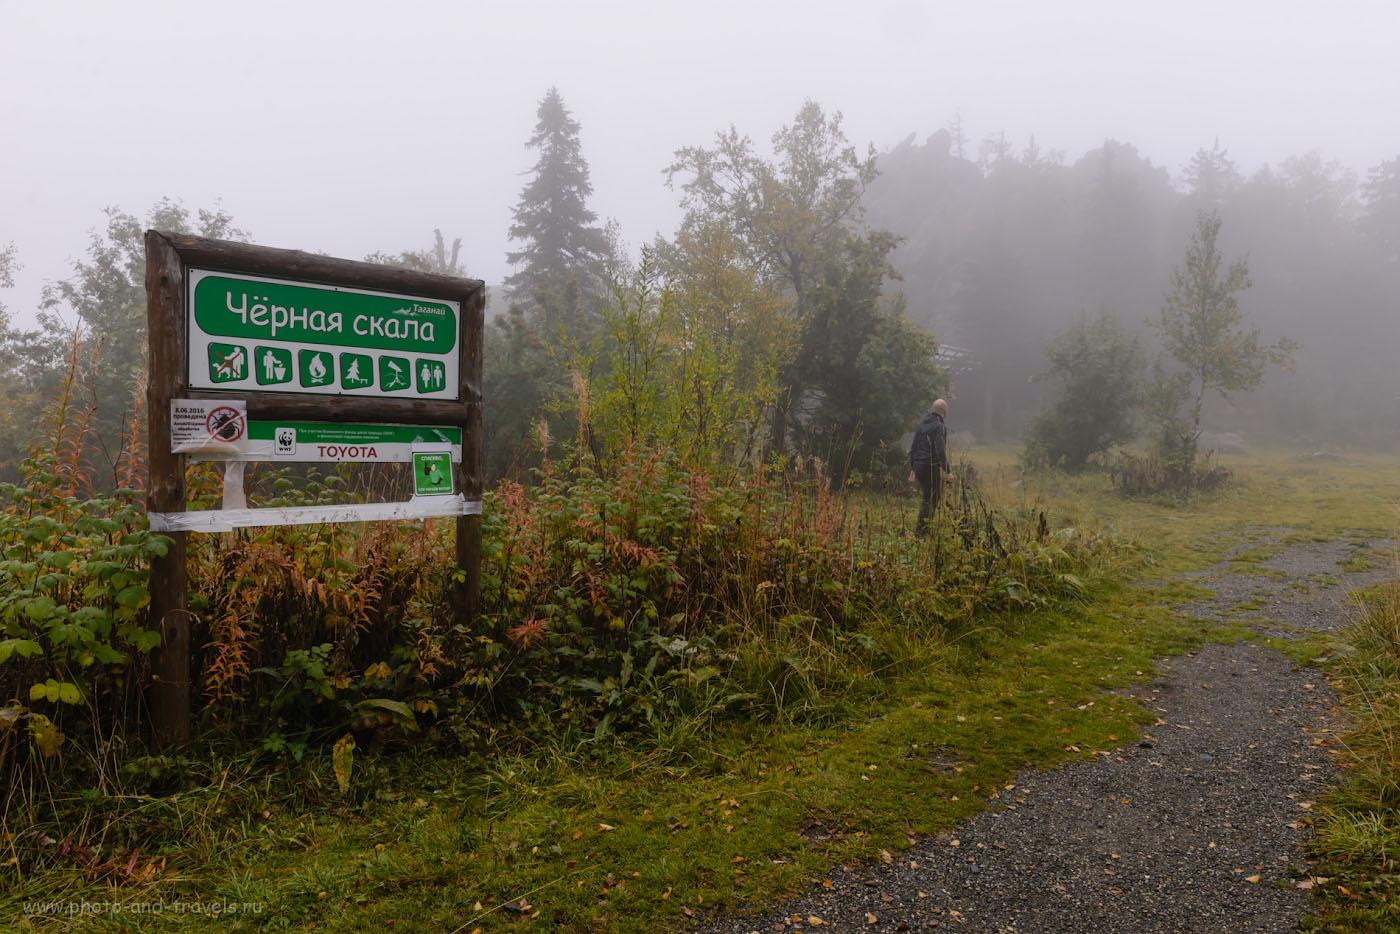 Фотография 13. Поход к Черной скале – самый легкий маршрут в национальном парке «Таганай». 1/320, -1.0, 8.0, 450, 26.